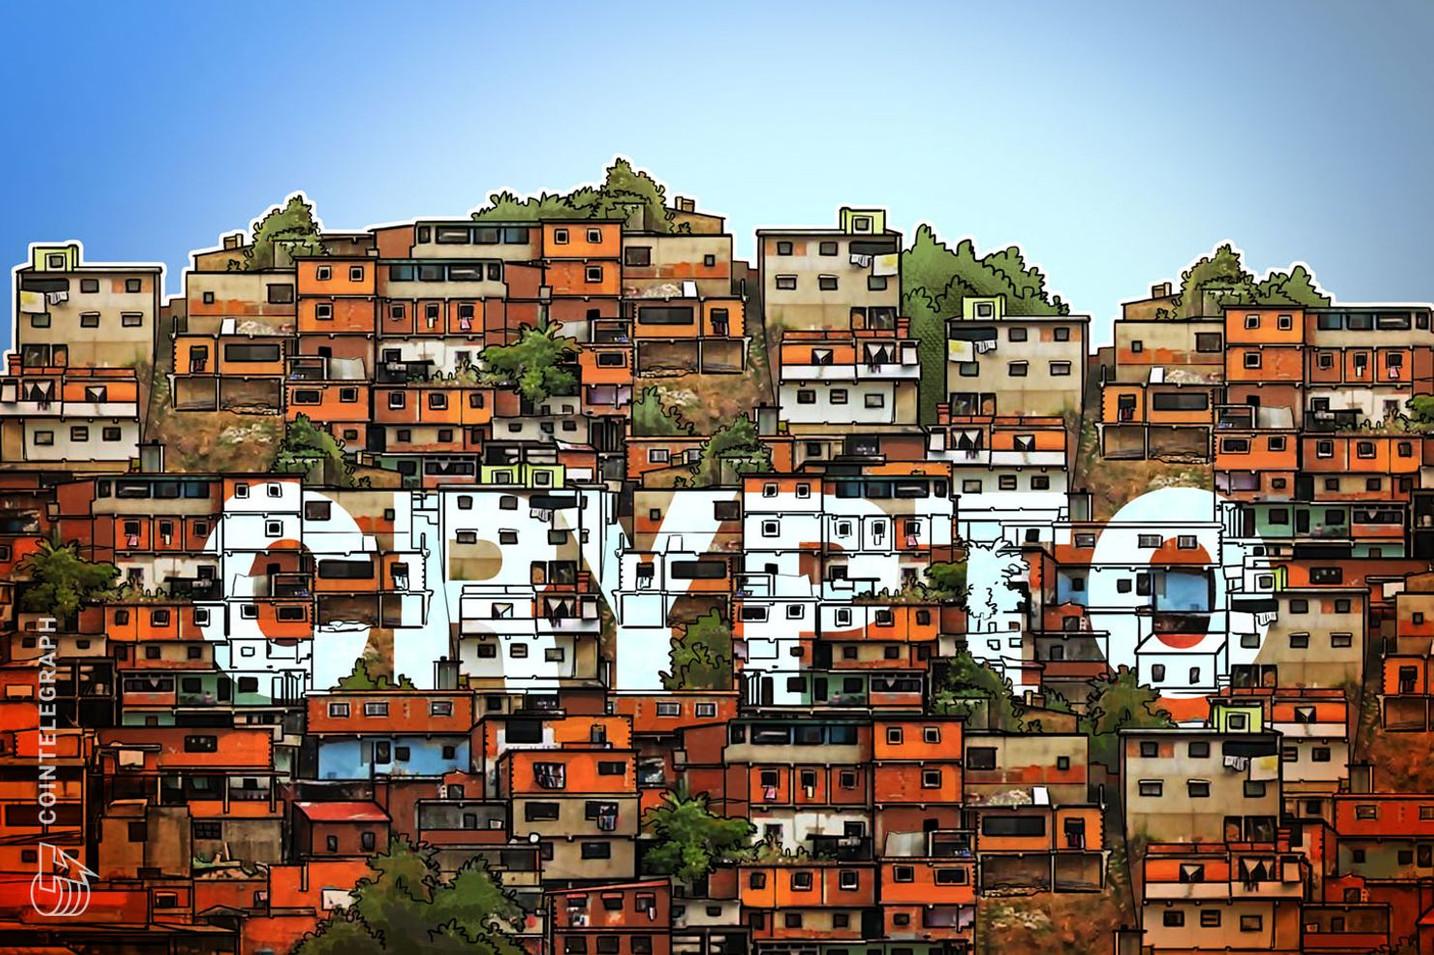 Para sobrevivir o para evitar recargos, las remesas en criptomonedas ya son parte de la vida cotidiana en los países latinoamericanos